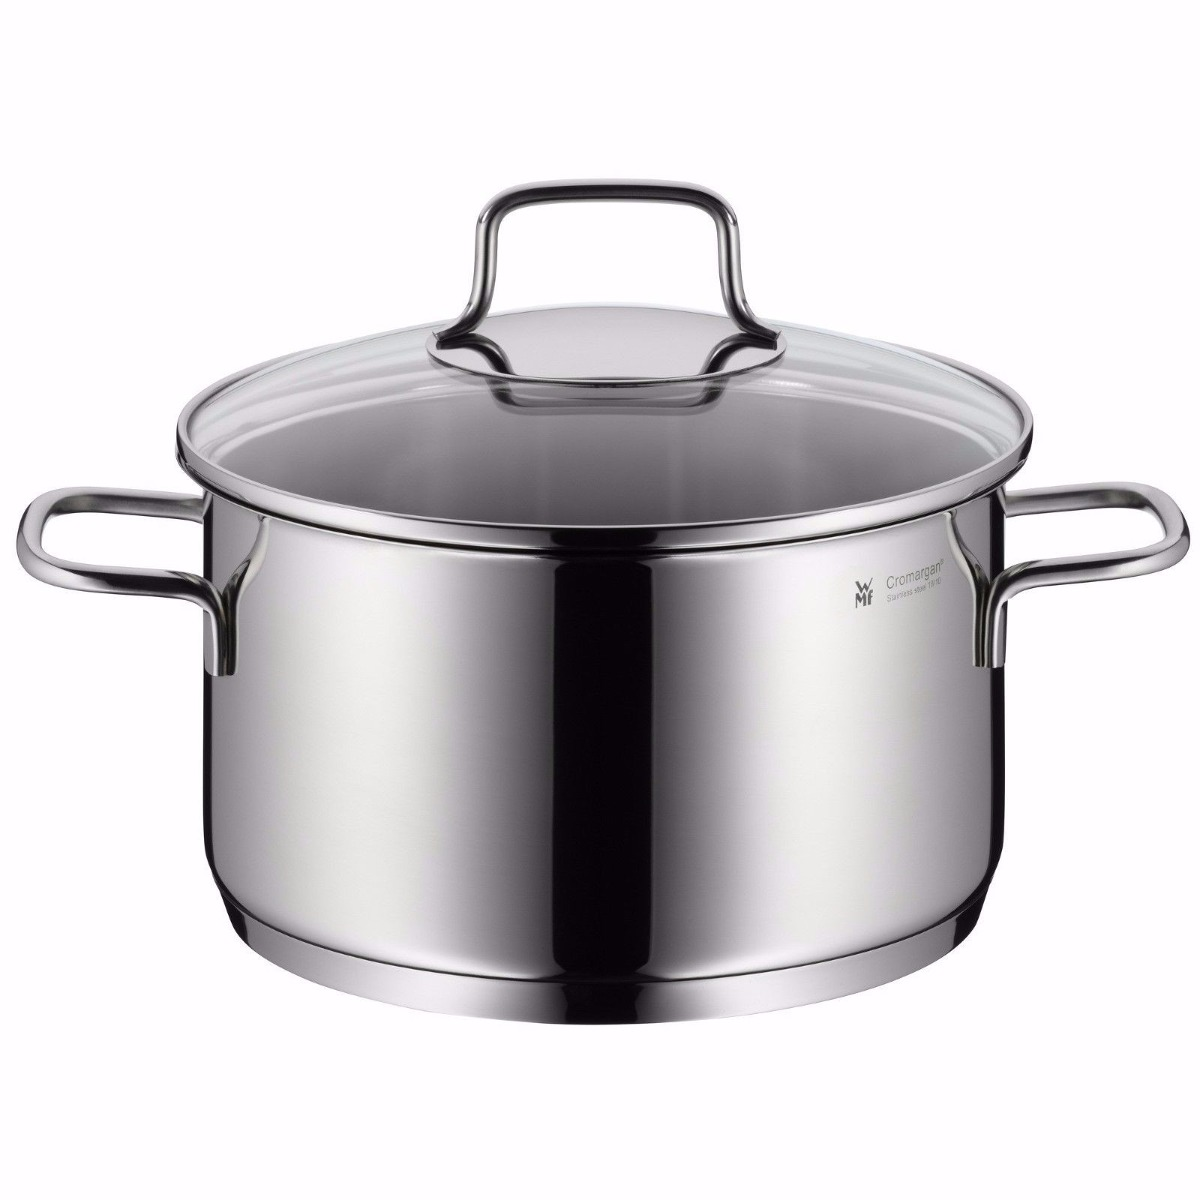 Wmf bater a de cocina de acero inoxidable astoria 8 piezas for Baterias de cocina hipercor